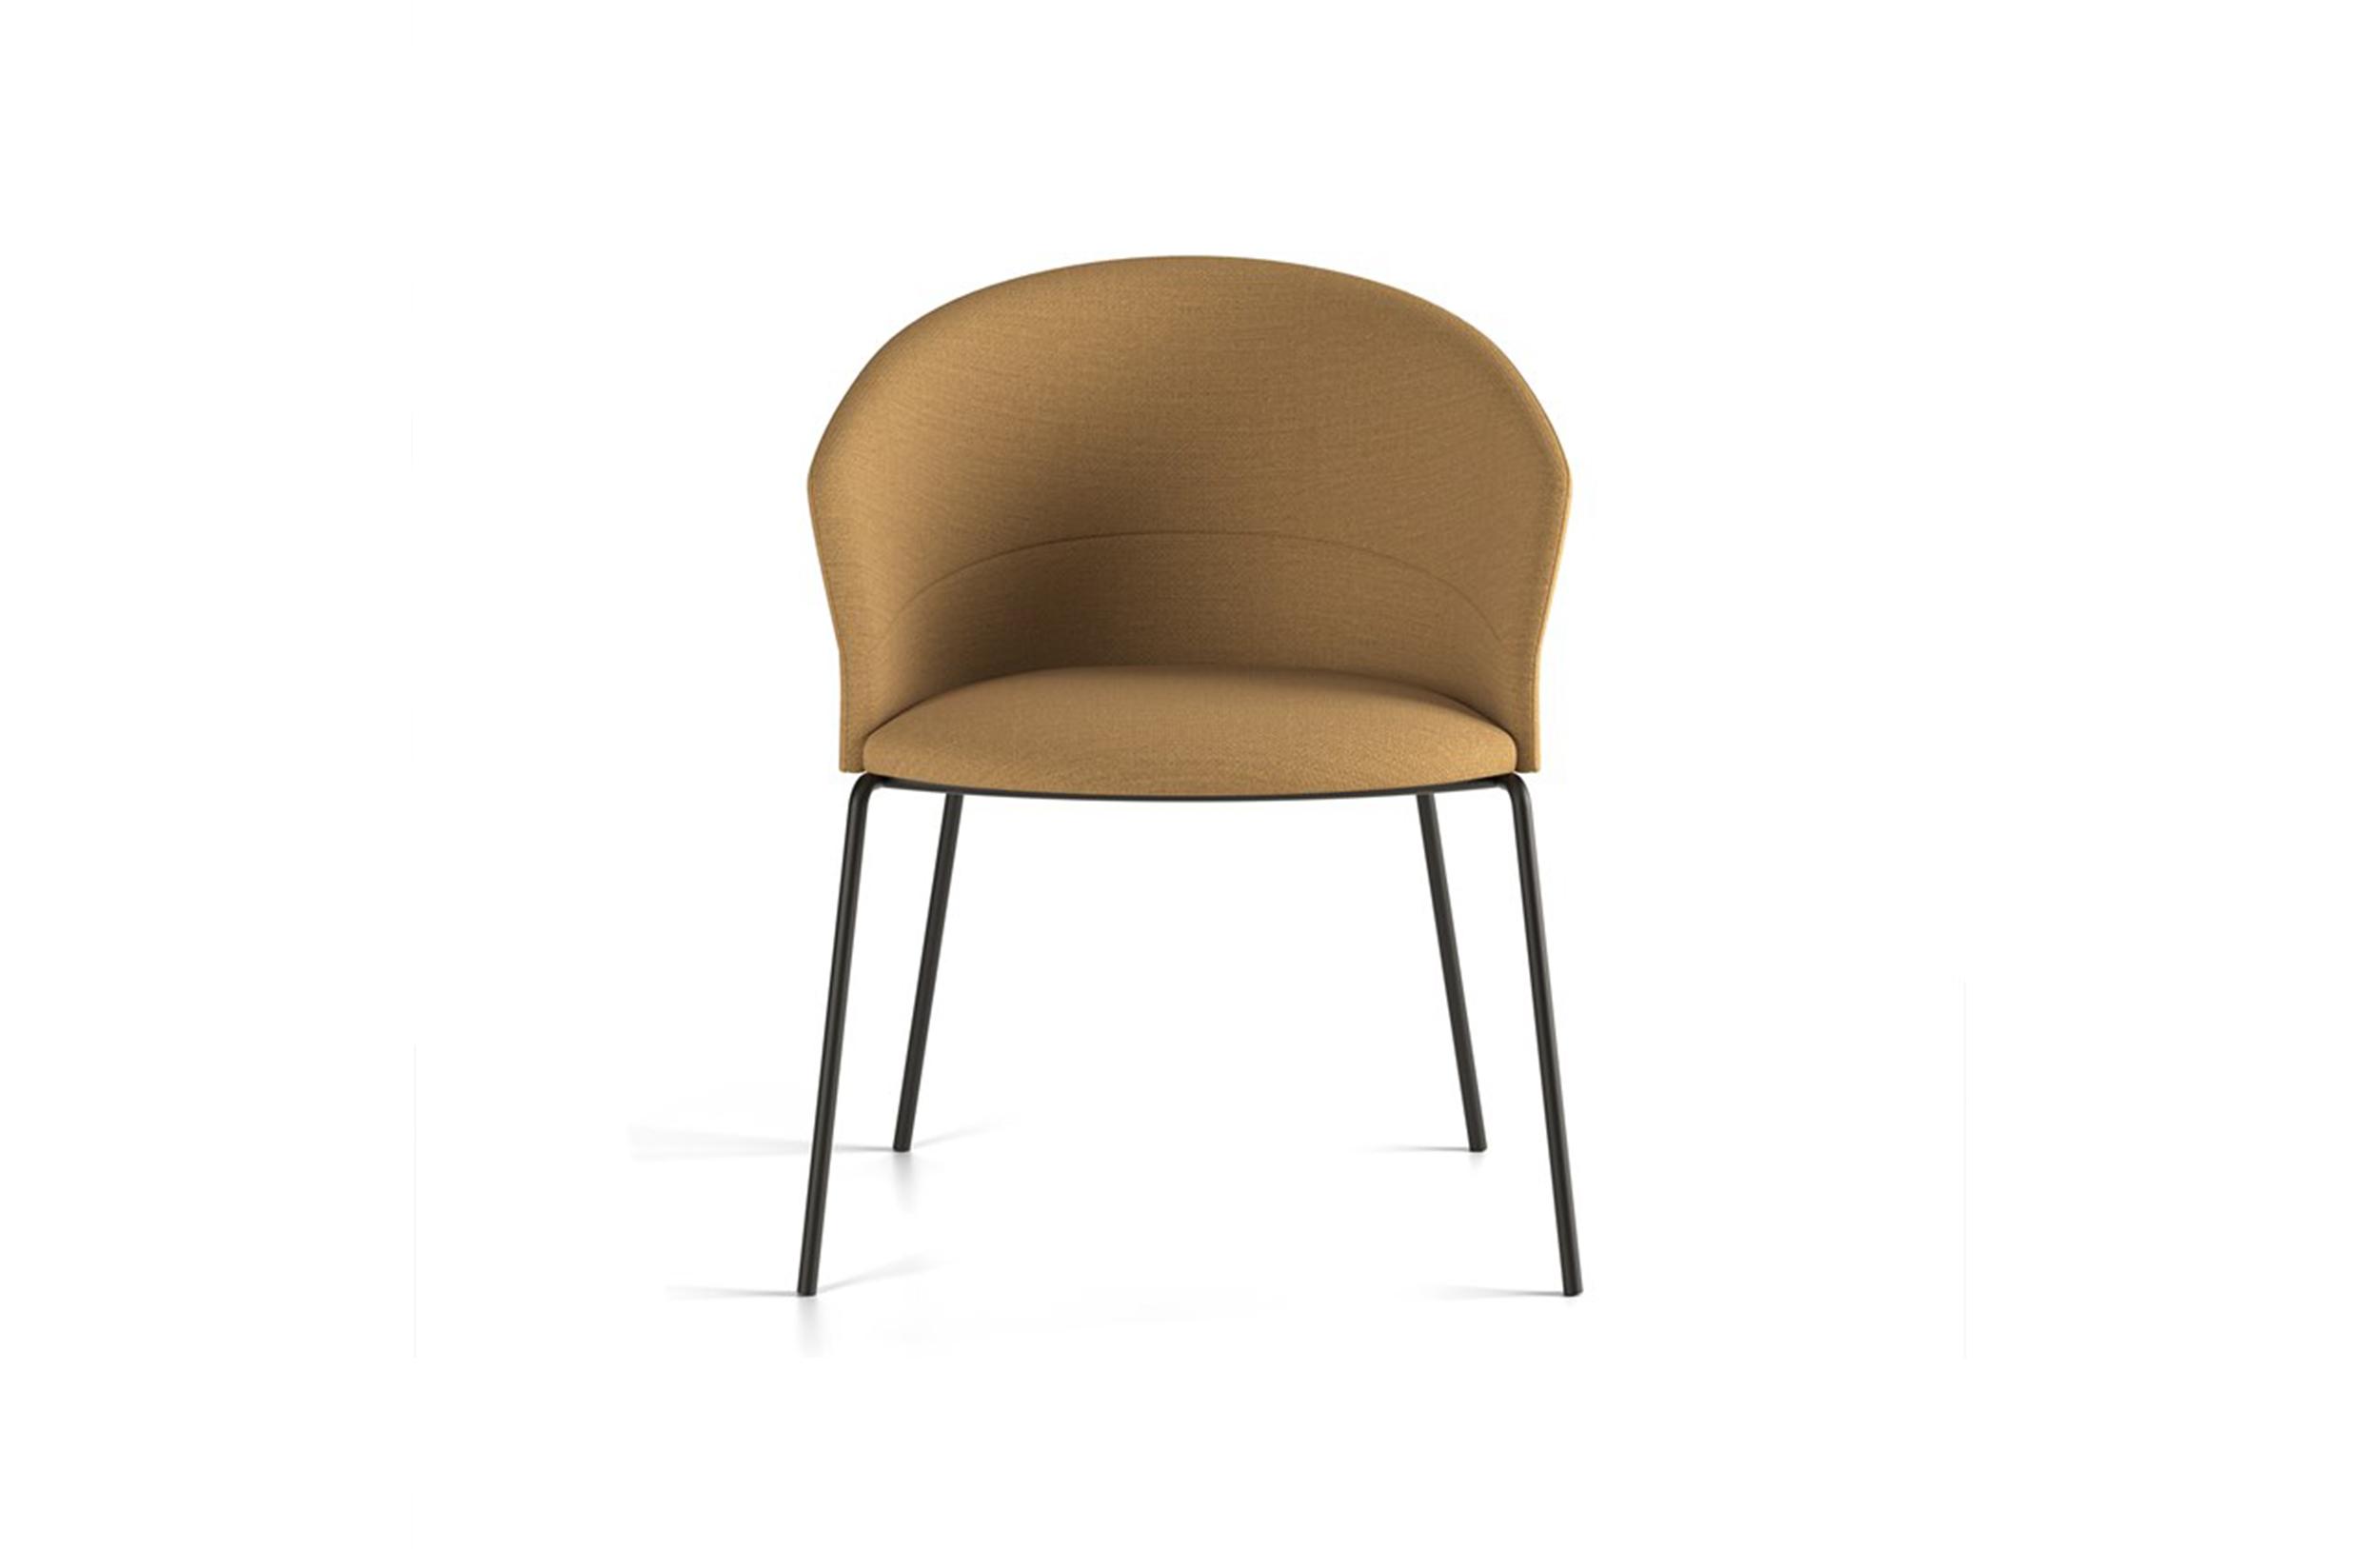 办公椅|会议椅|创意家具|现代家居|时尚家具|设计师家具|定制家具|实木家具|Copa 餐椅/洽谈椅